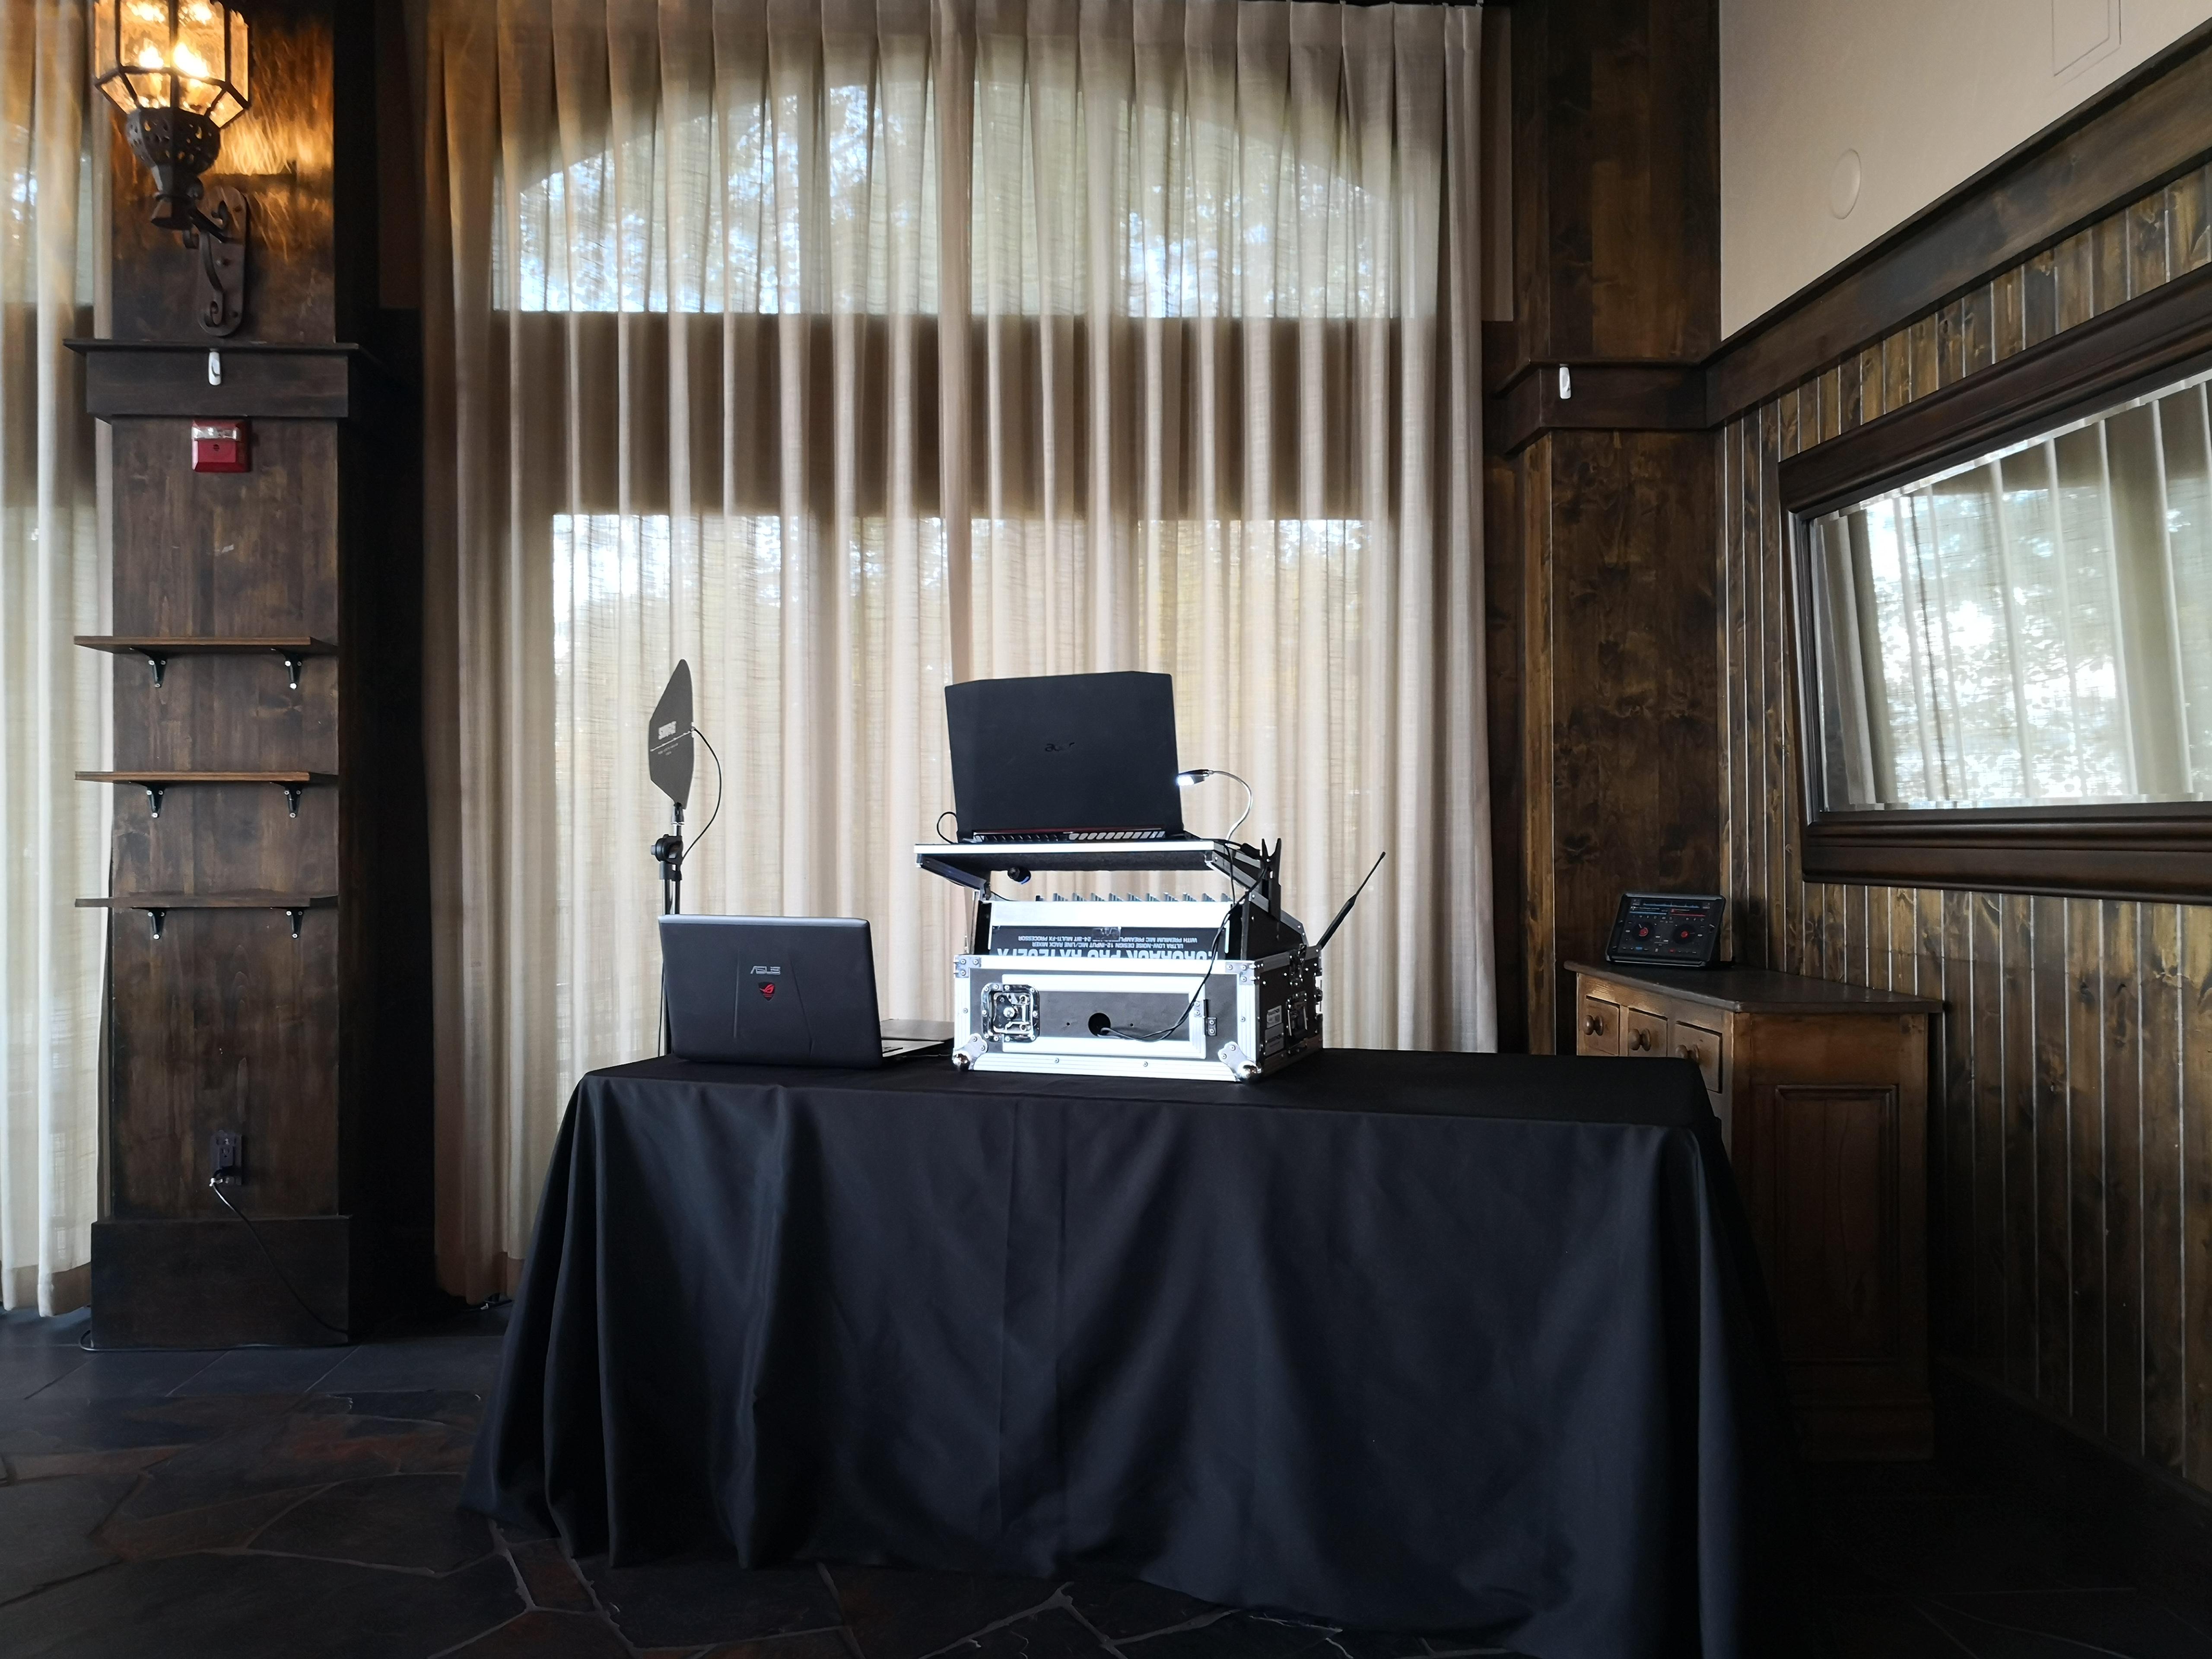 What My DJ Setup Looks Like: Part 1